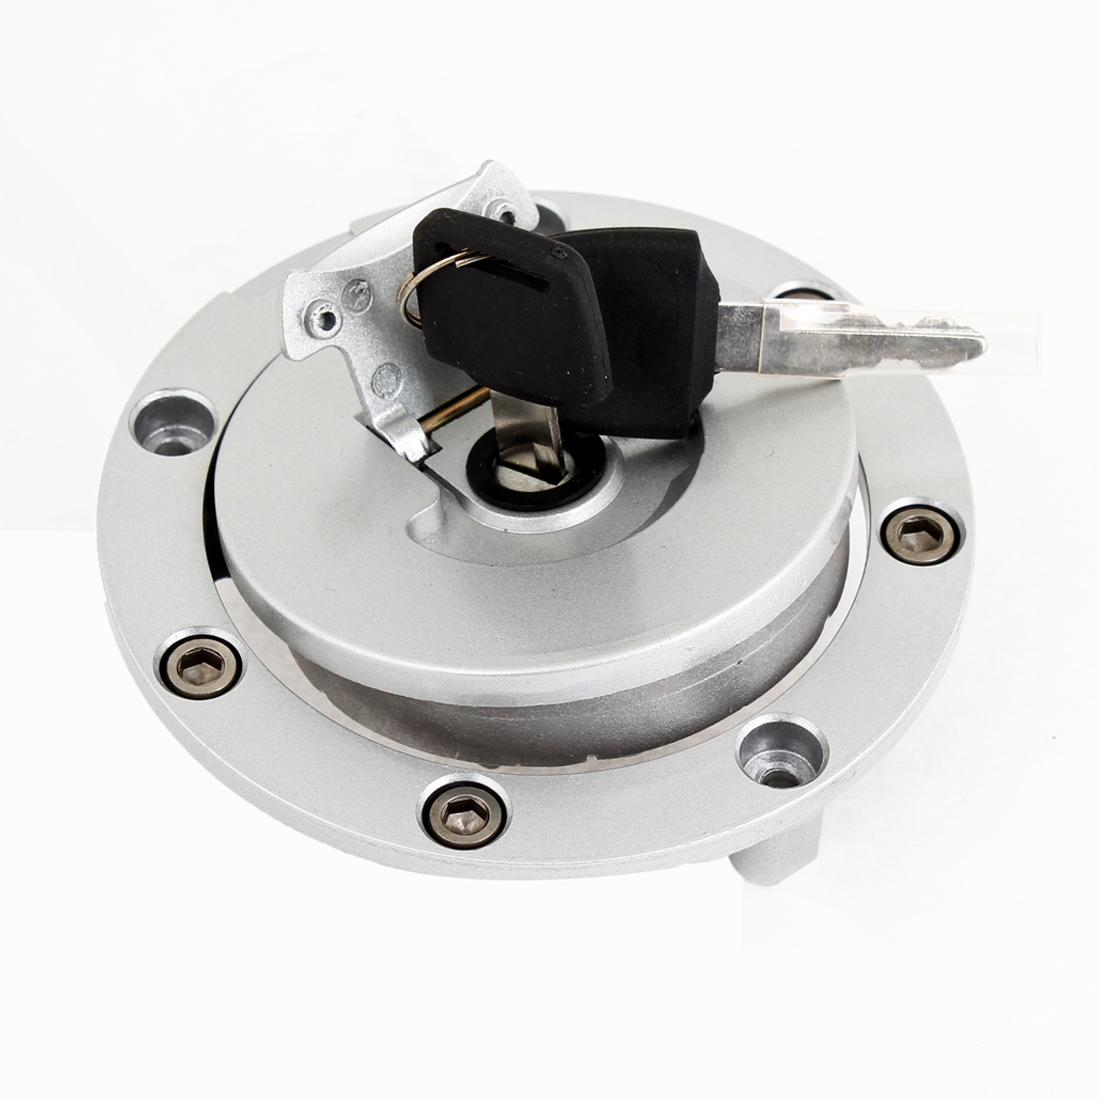 Motorbike Metal Gas Fuel Tank Filler Cap W Keys for Honda